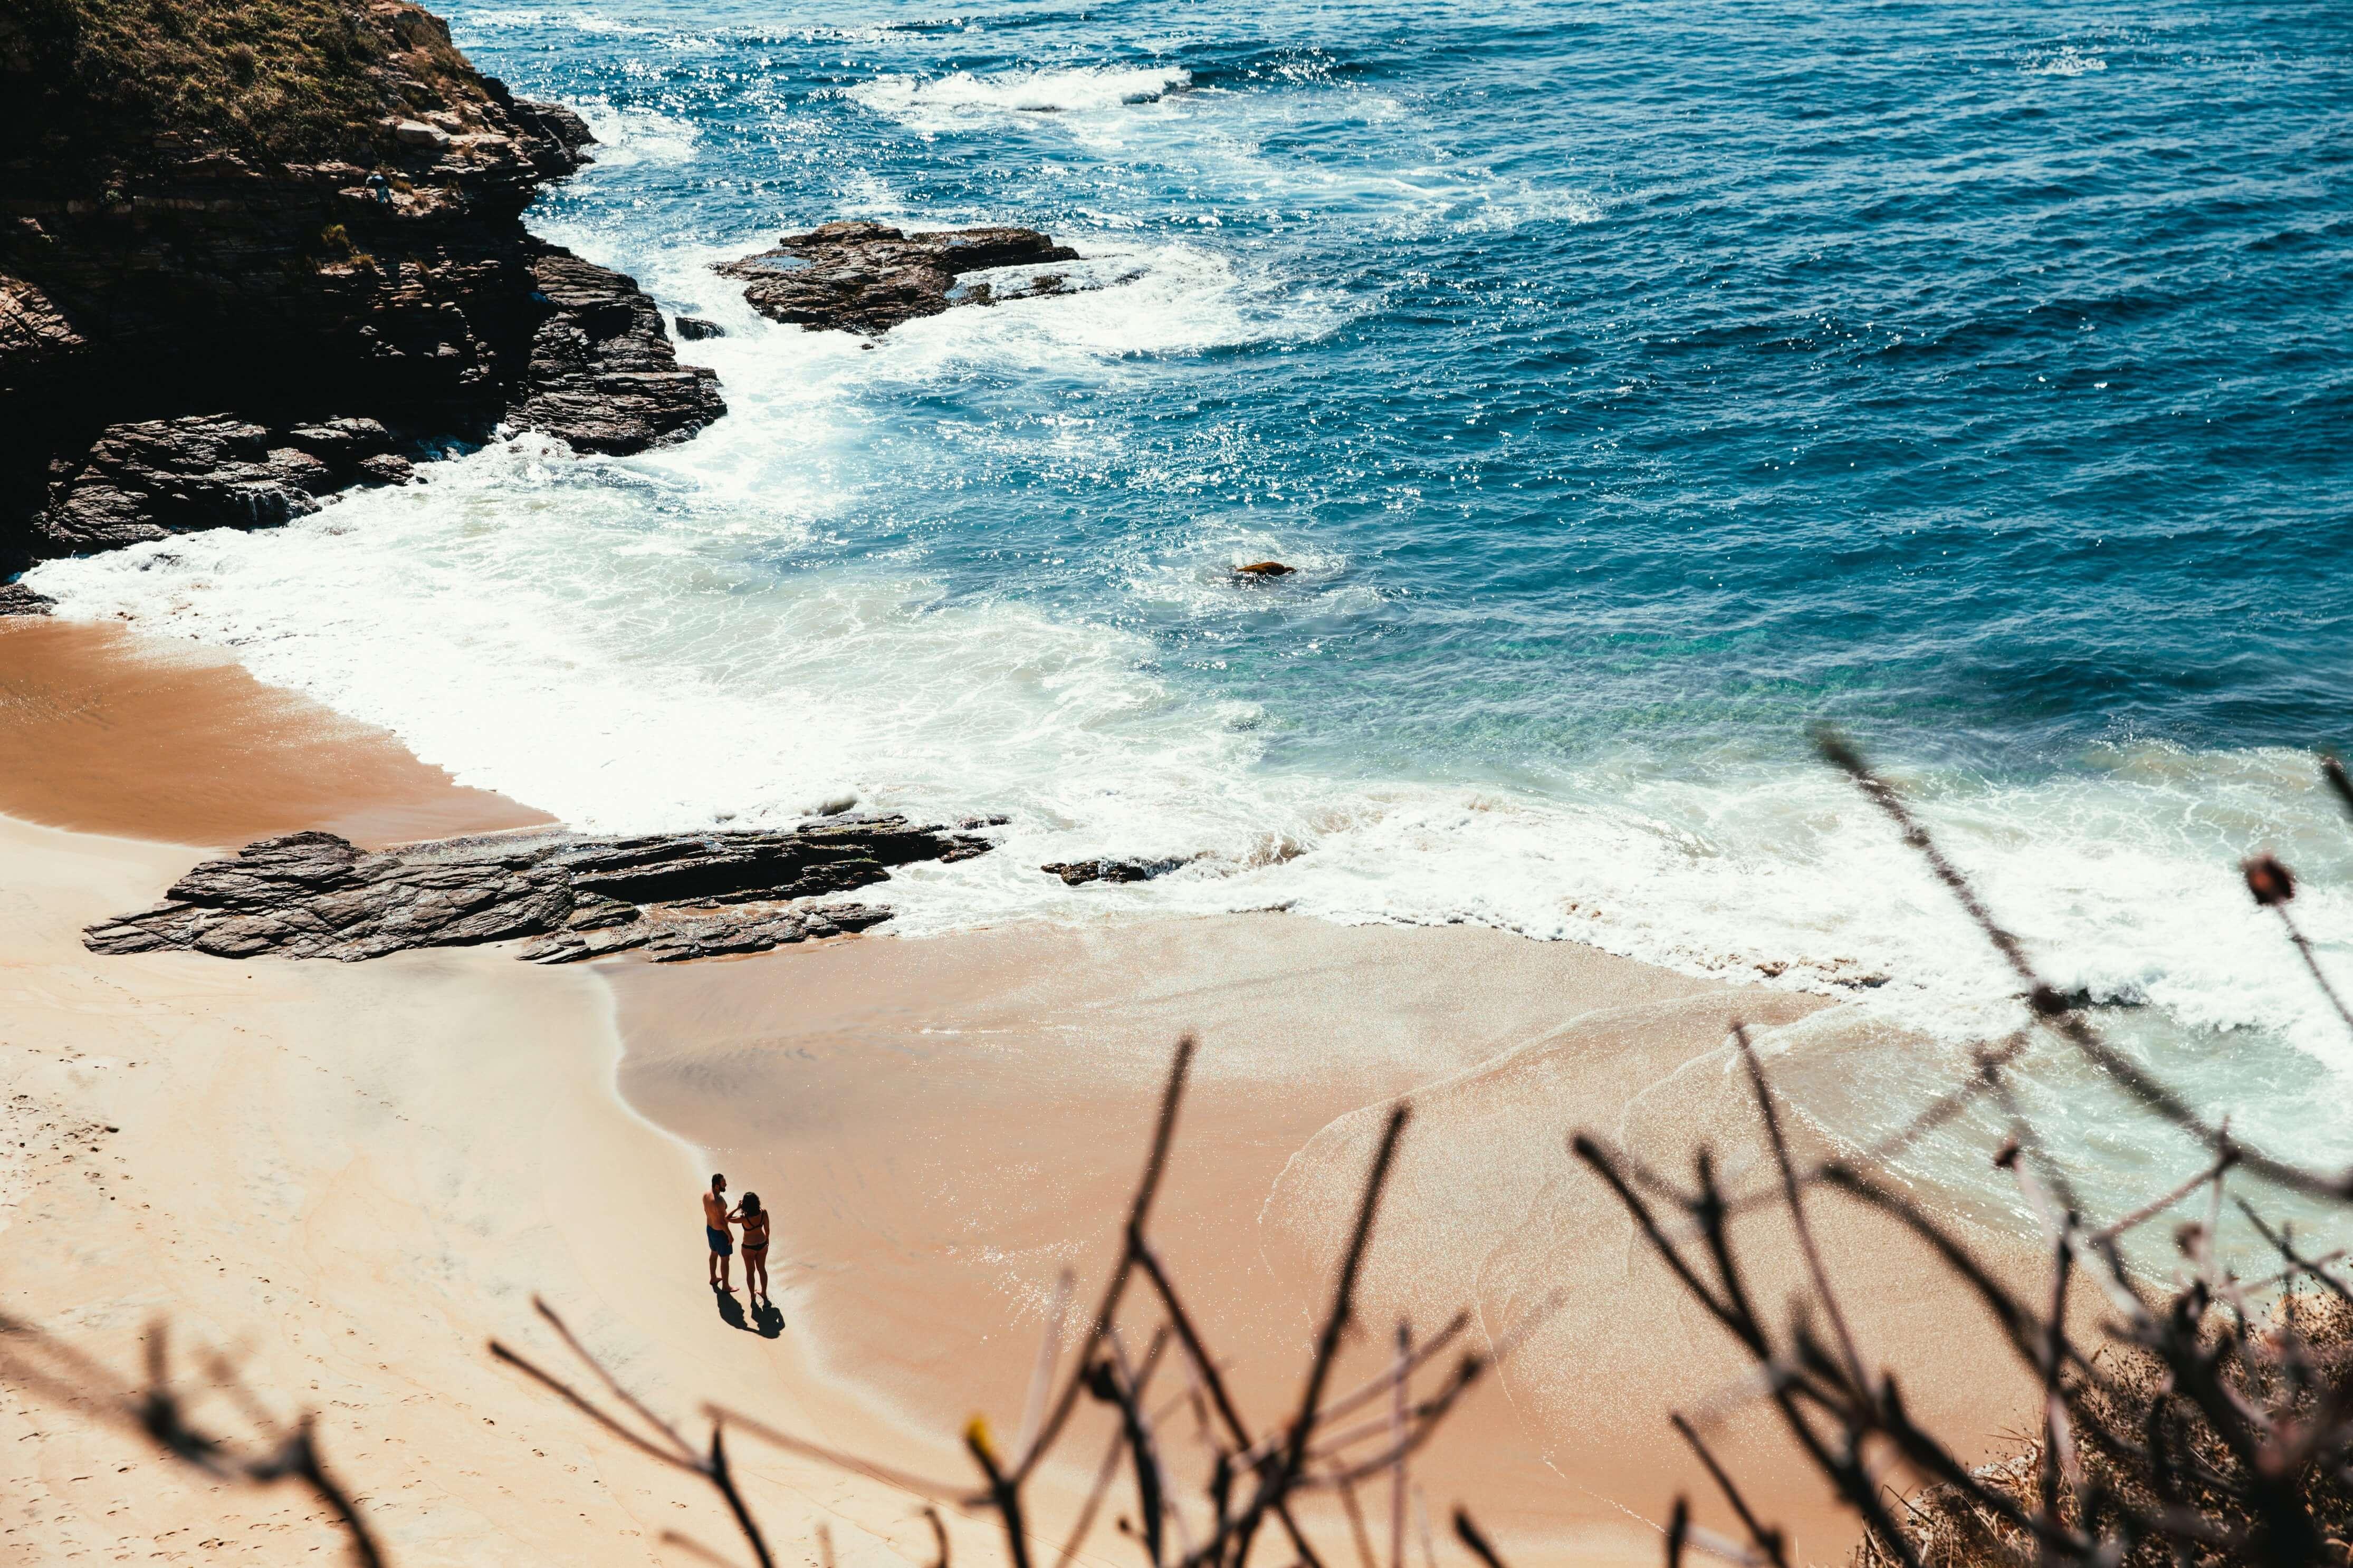 nettoyer ses accessoires de plage pour l'été